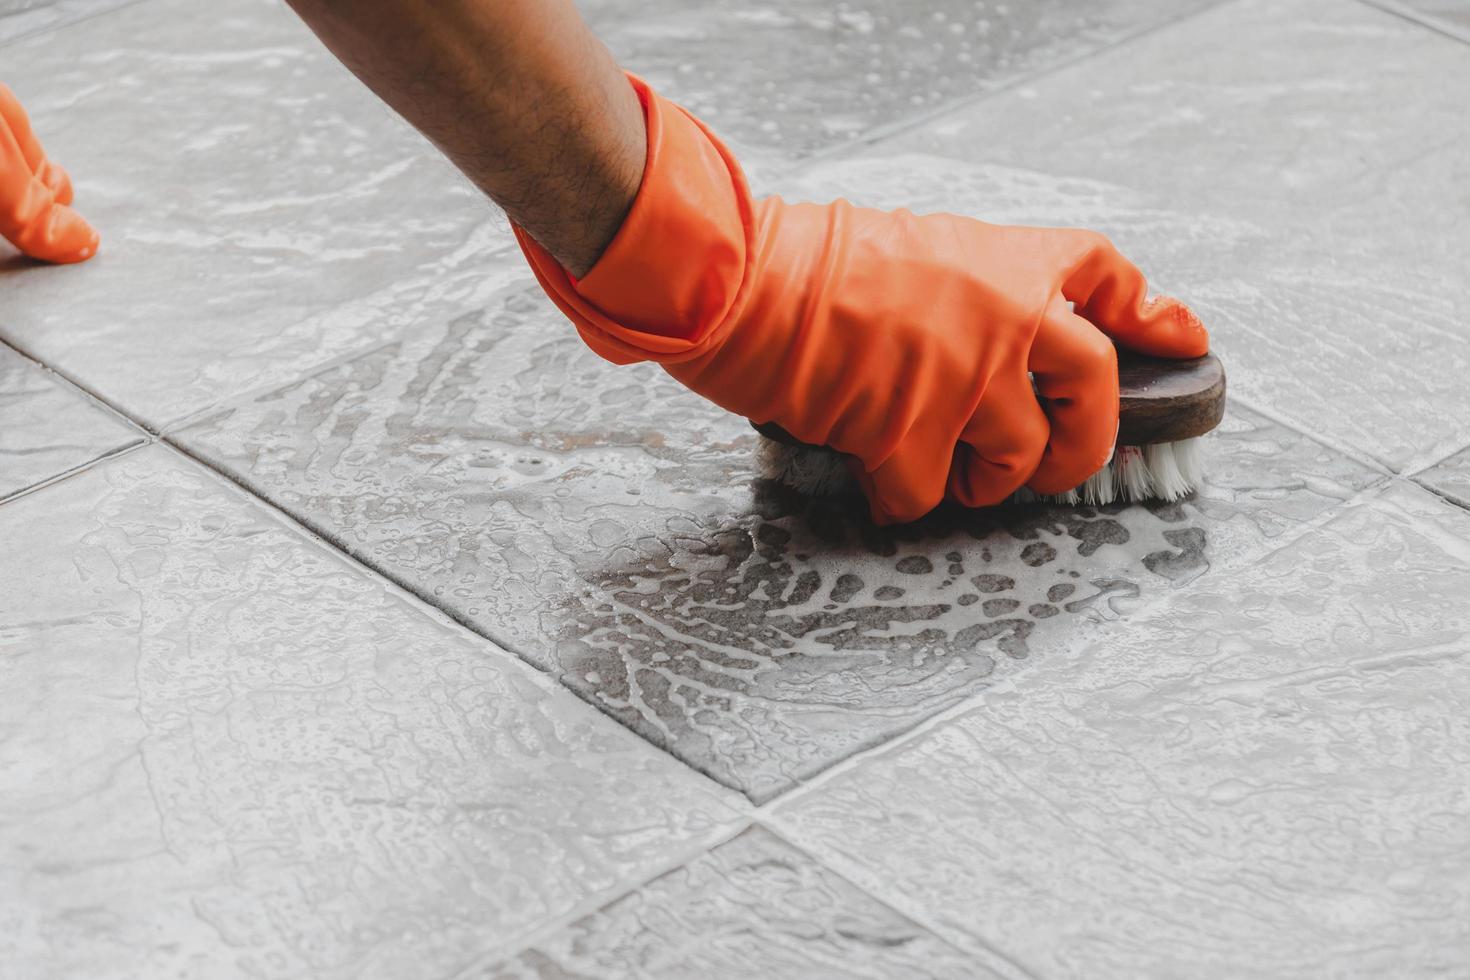 persona con guanti di pulizia arancioni che strofinano il pavimento foto